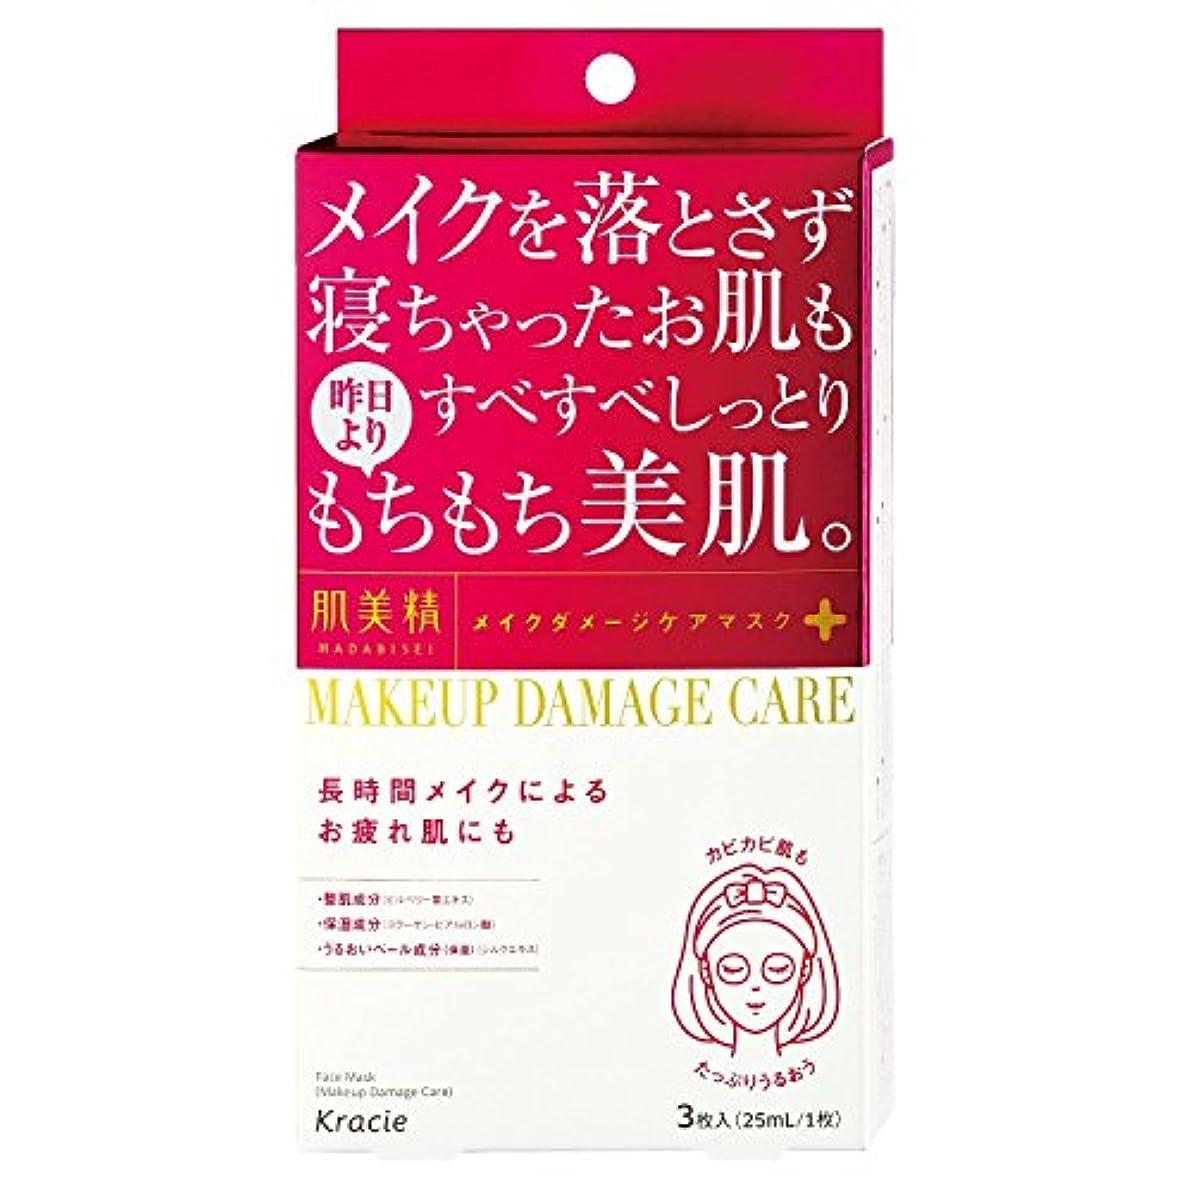 ソーダ水スパイ漏斗肌美精 ビューティーケアマスク(保湿) 3枚 × 6個